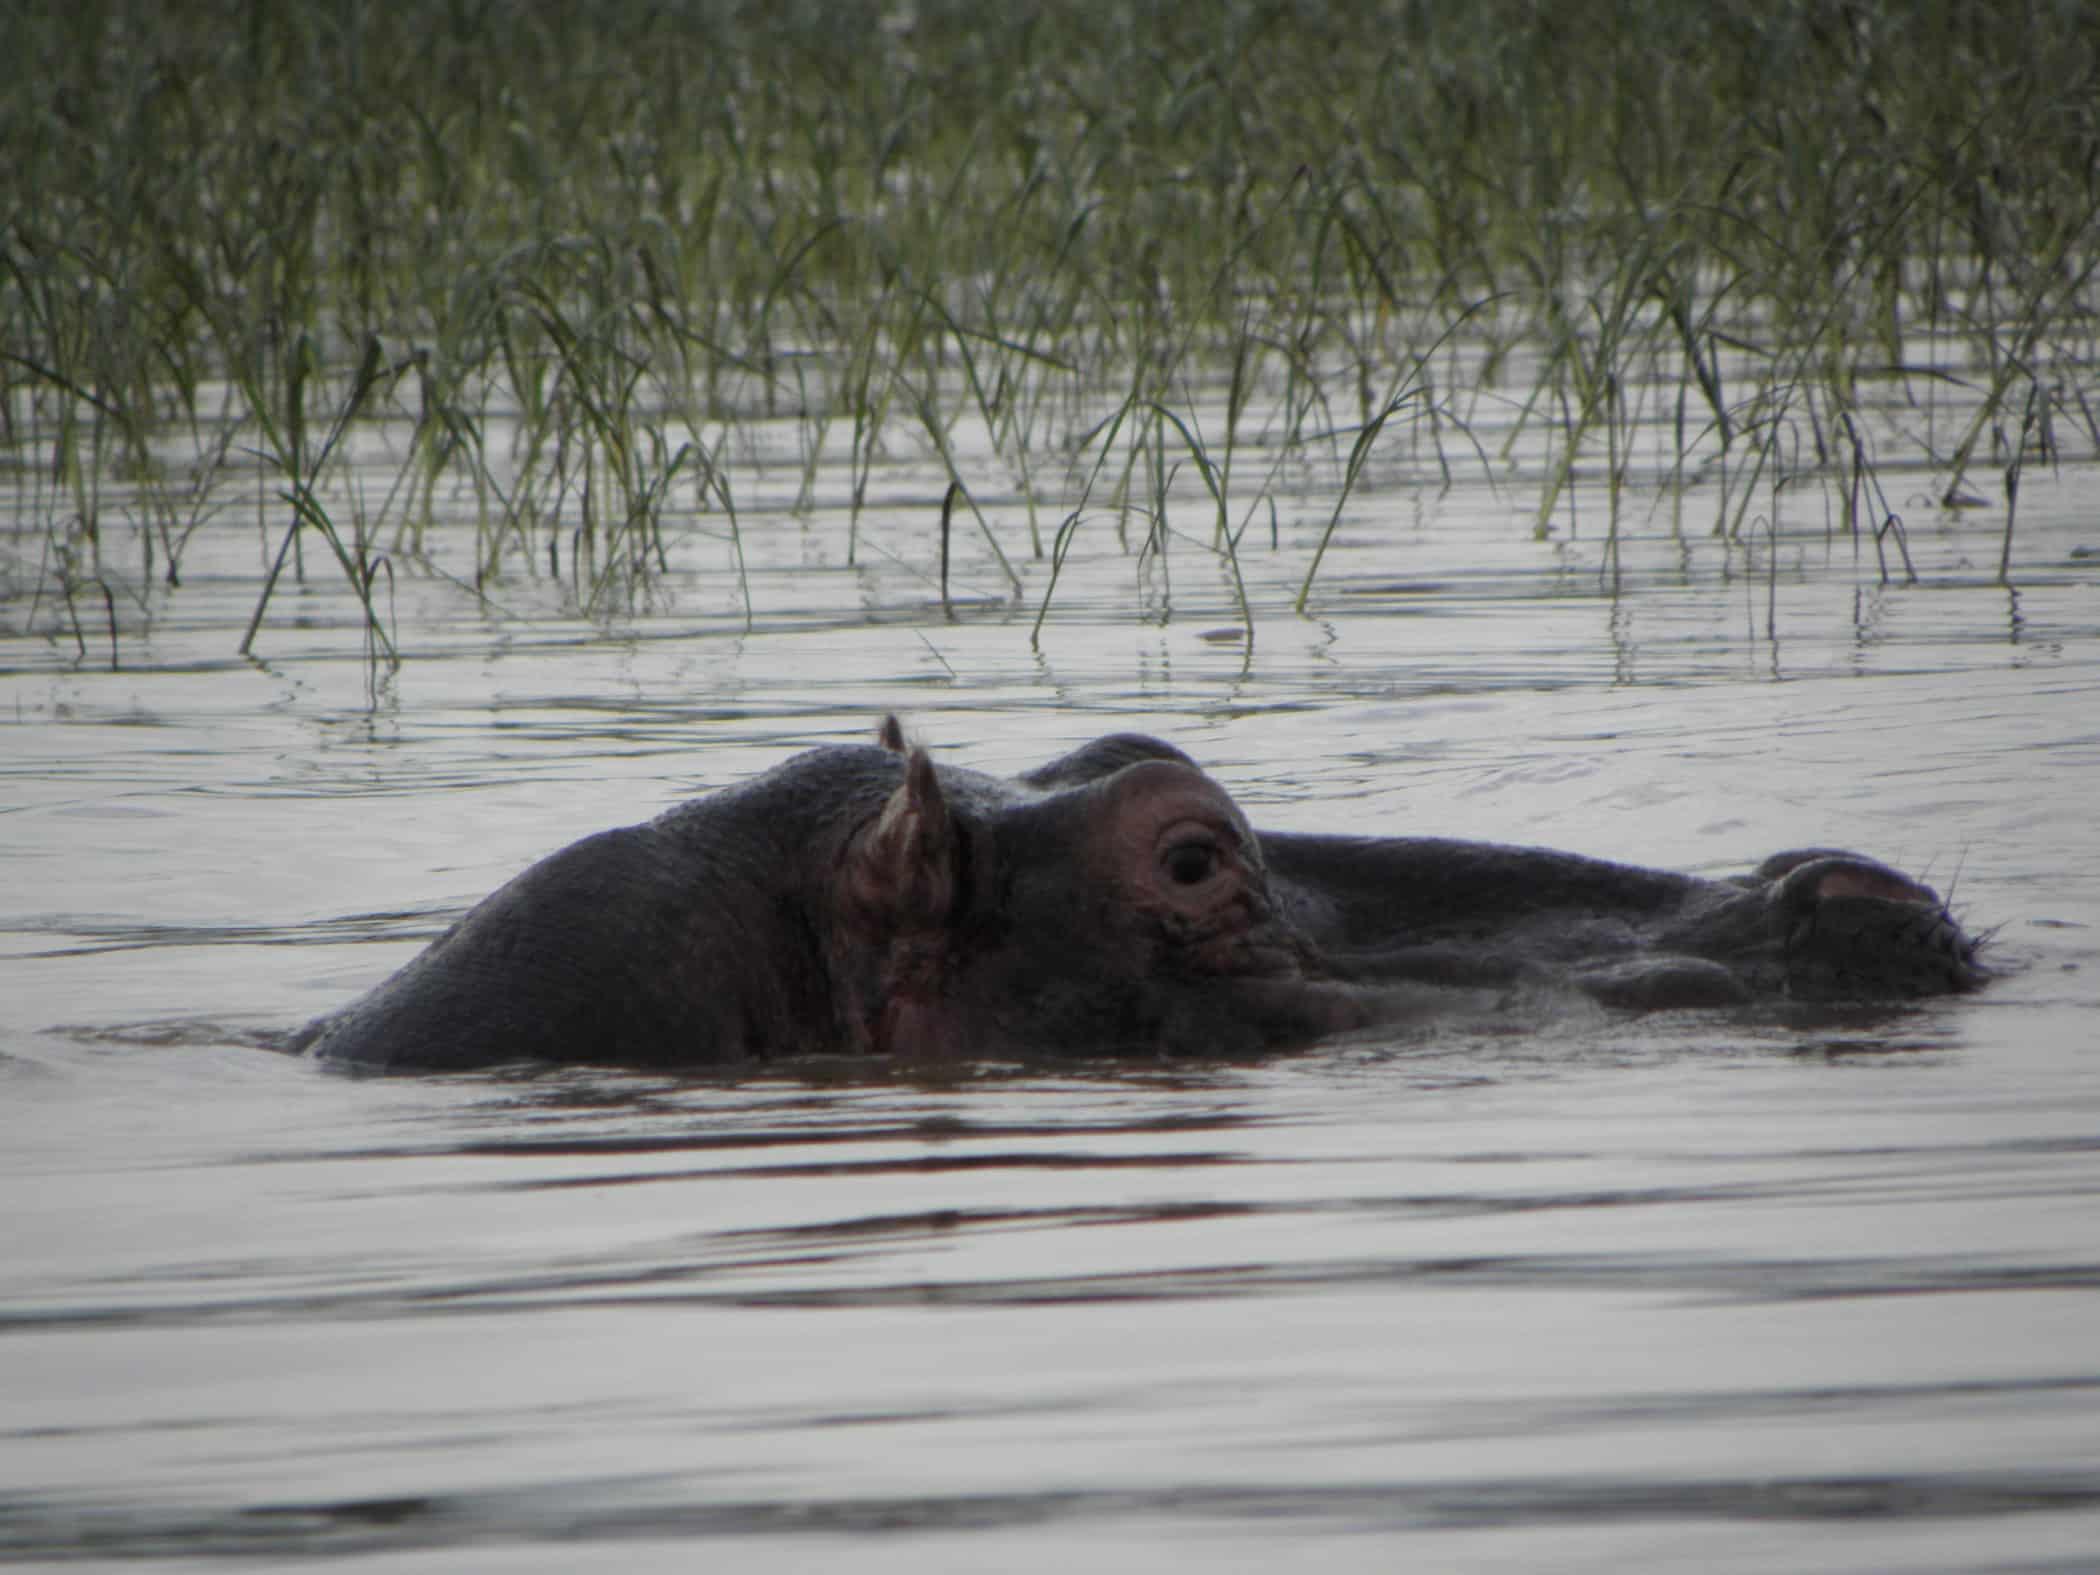 reise-ethiopie-hippopotamus